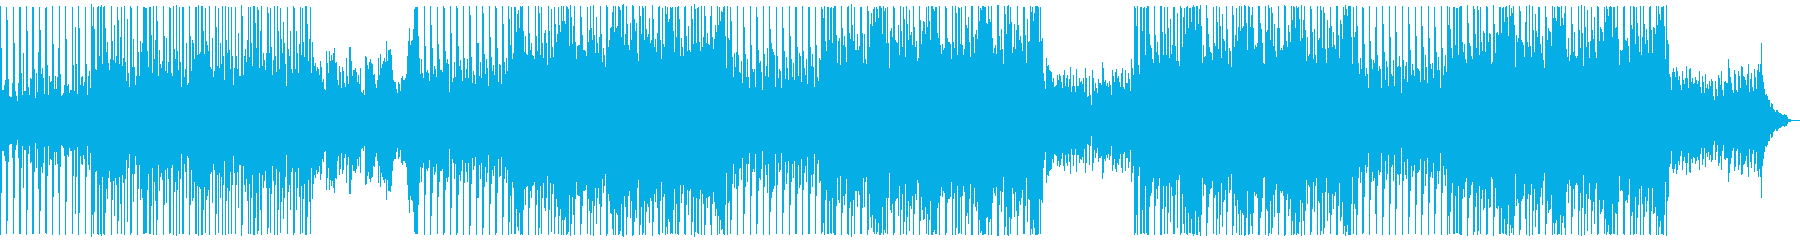 【メロディ・ベース抜き】爽やかでおしと…の再生済みの波形